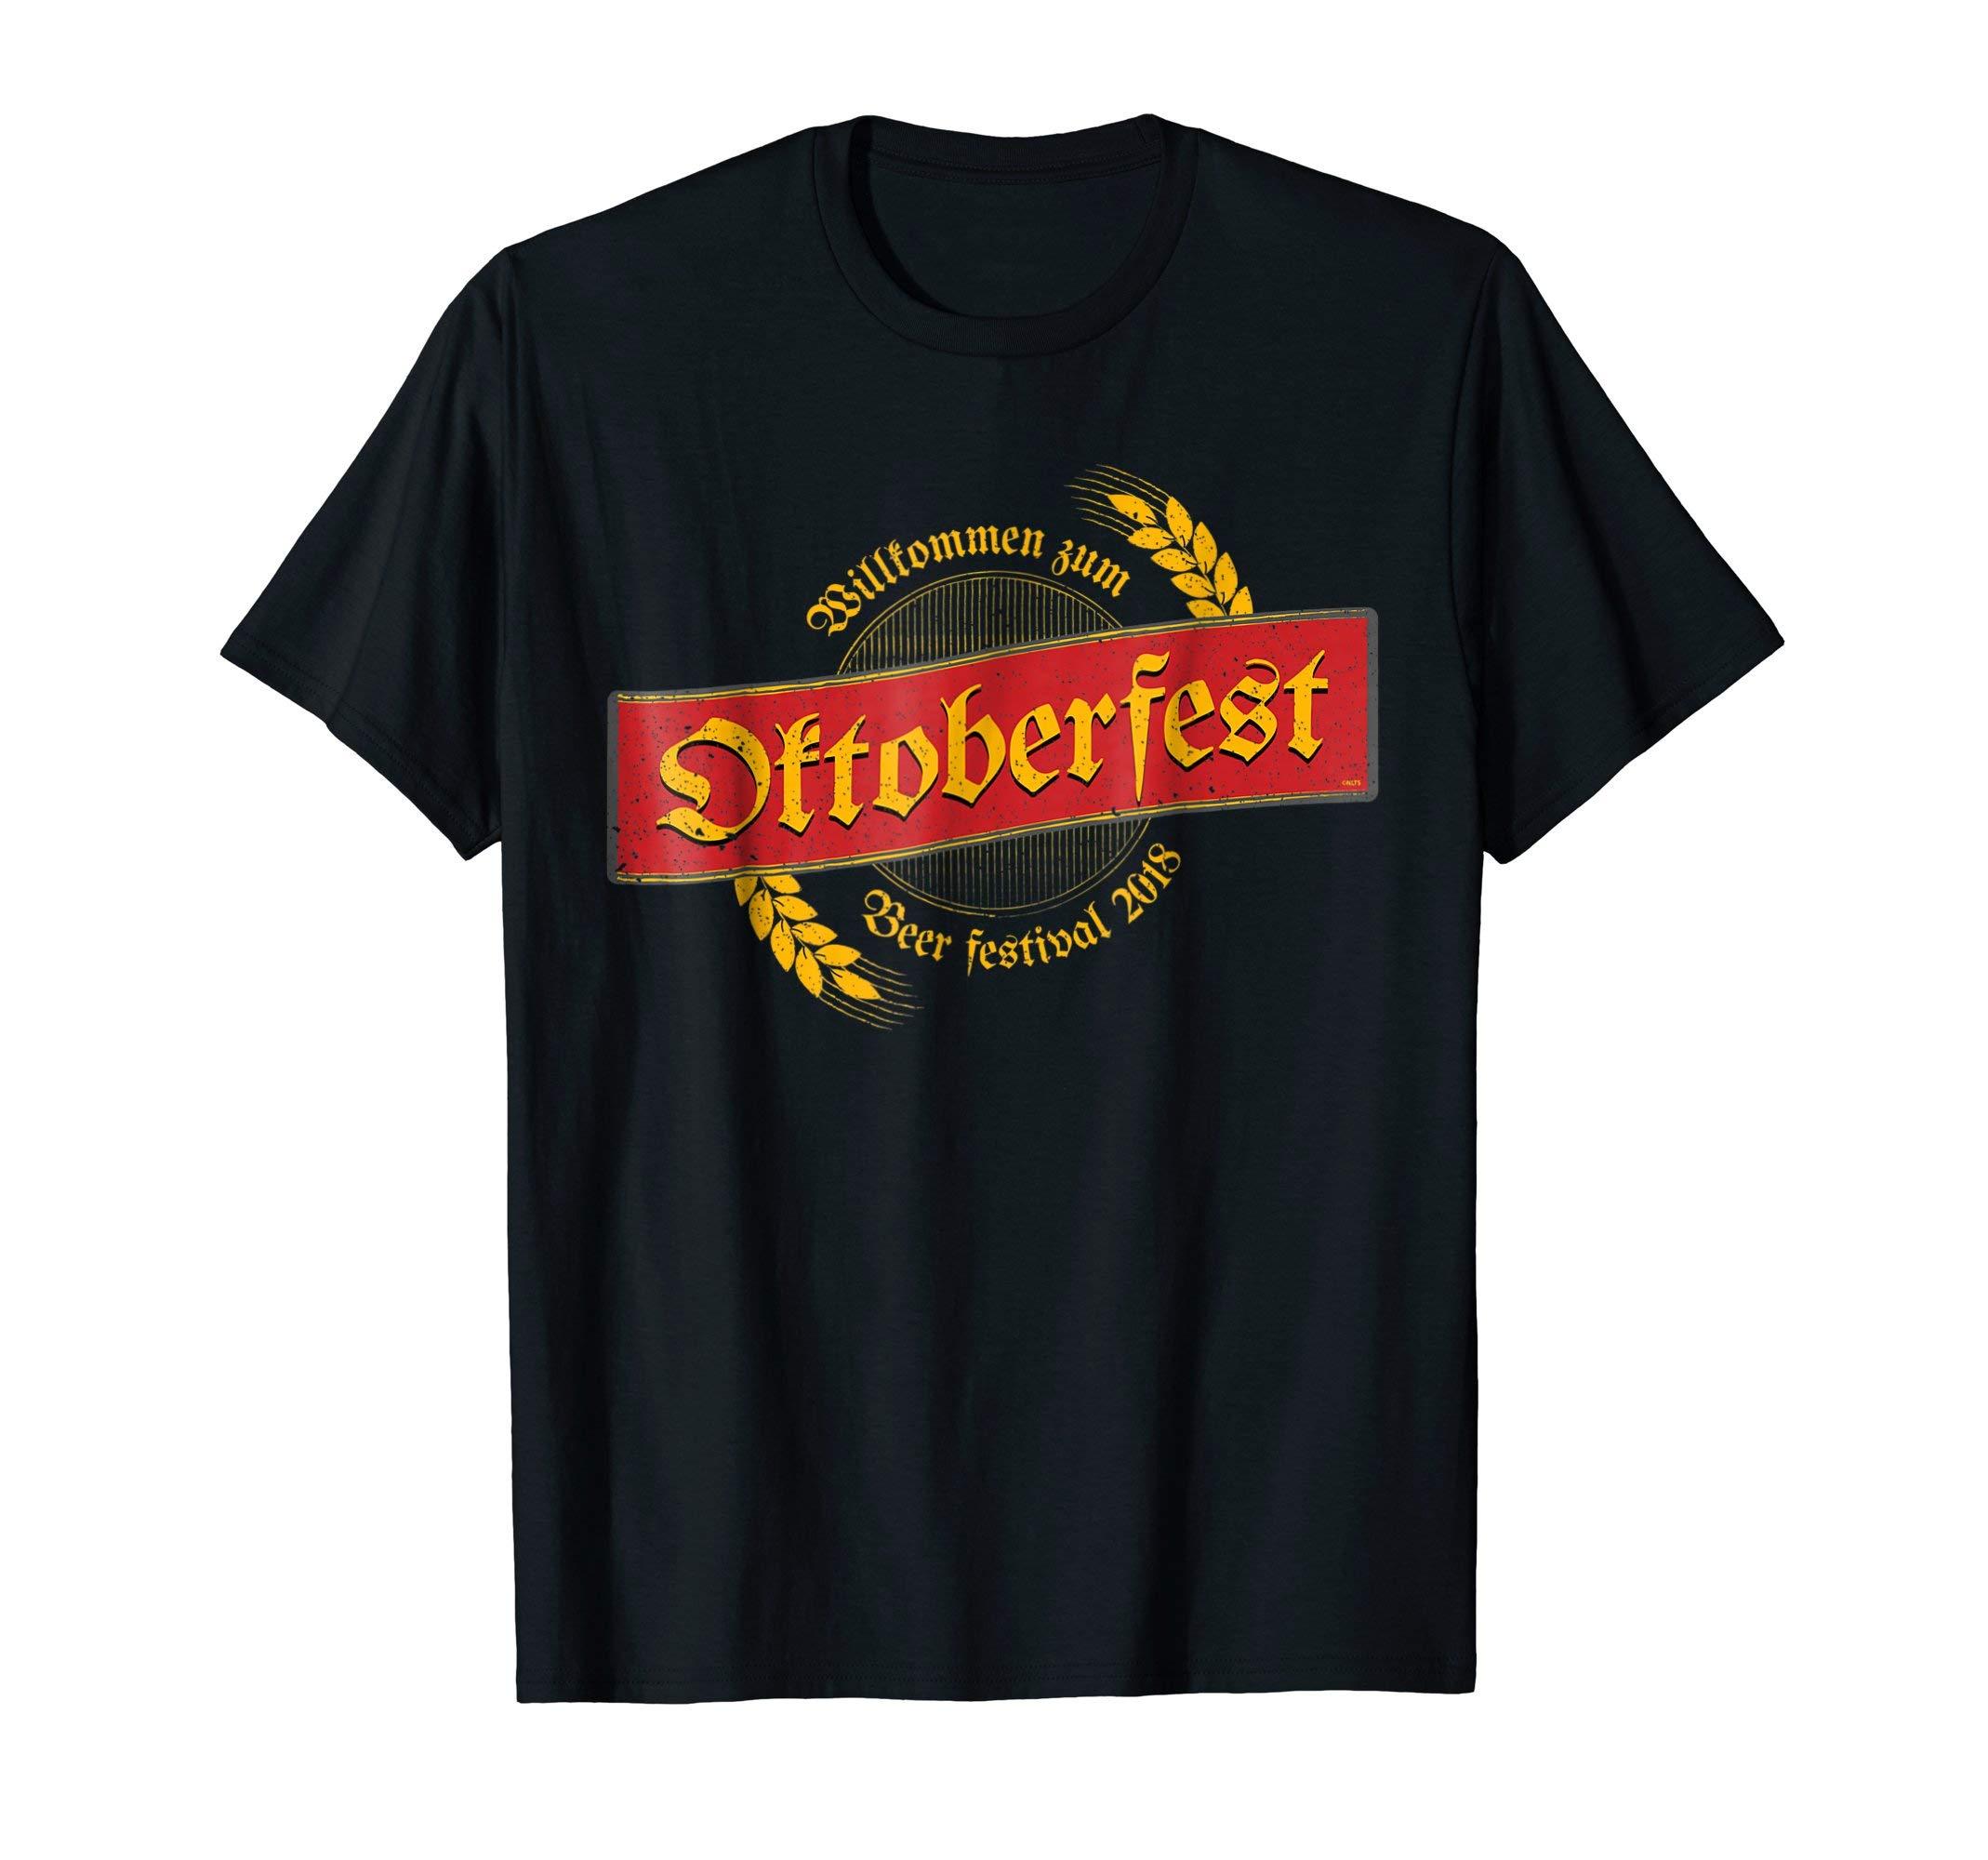 Octoberfest-Beer-Festival-2018-Shirt-Gifts-T-Shirt-Tee